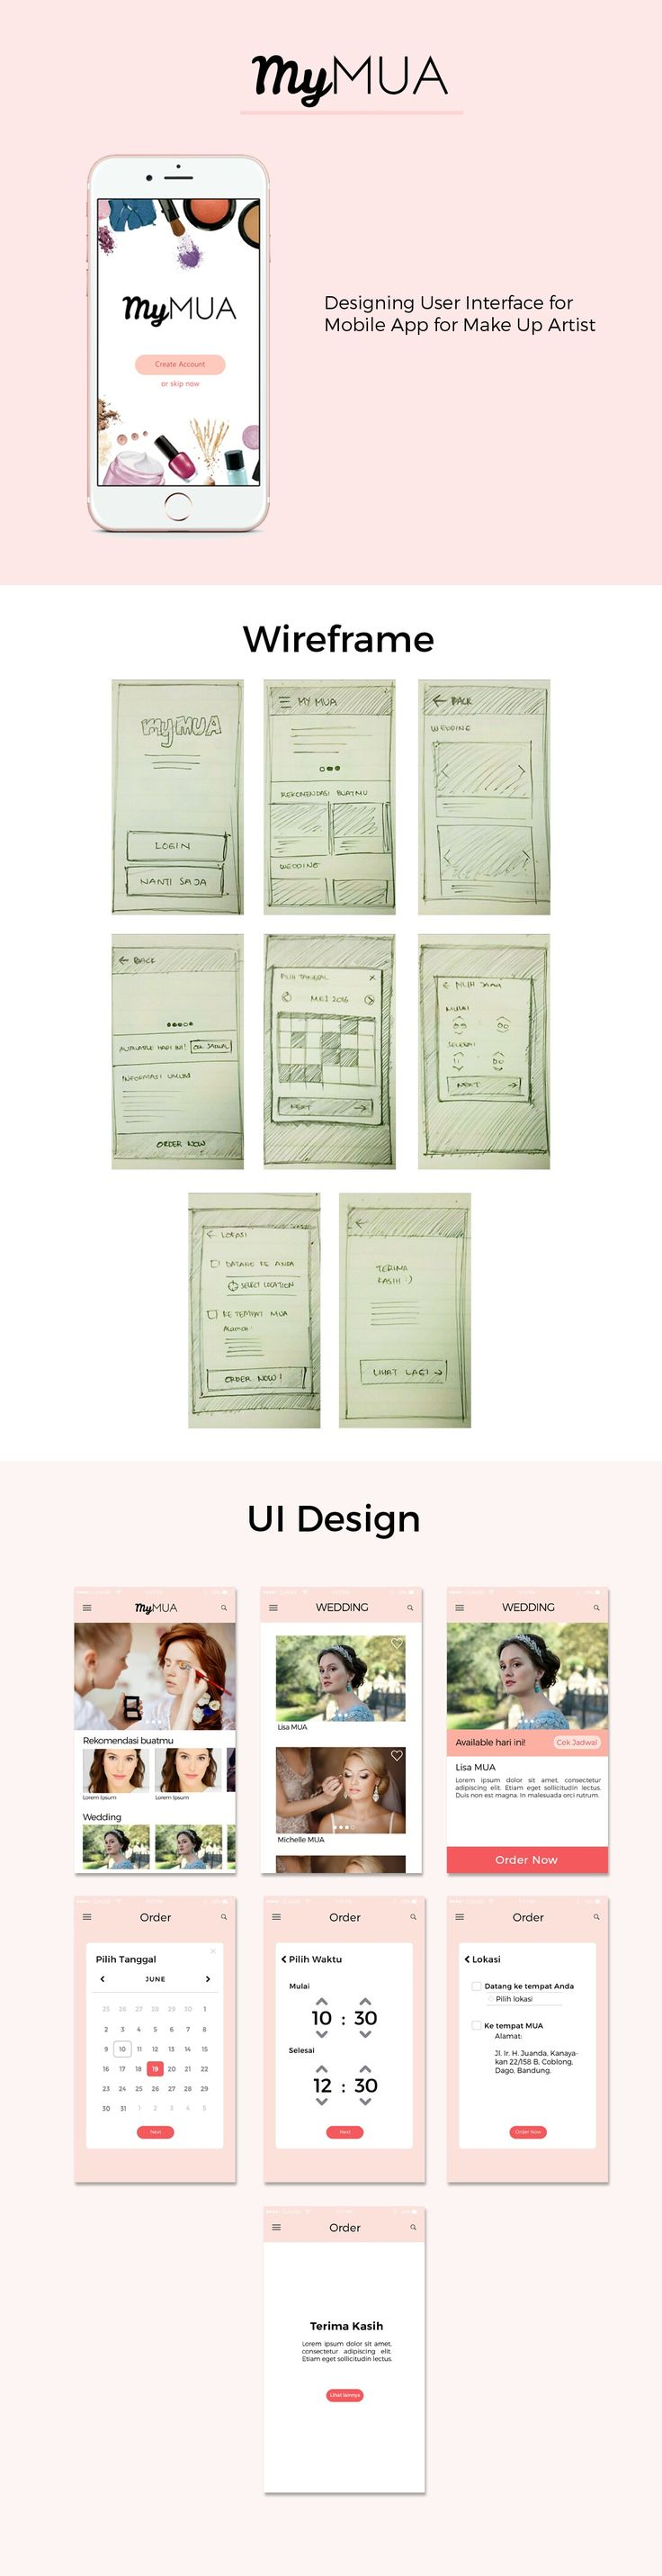 UI design for make up artist mobile app - MyMUA